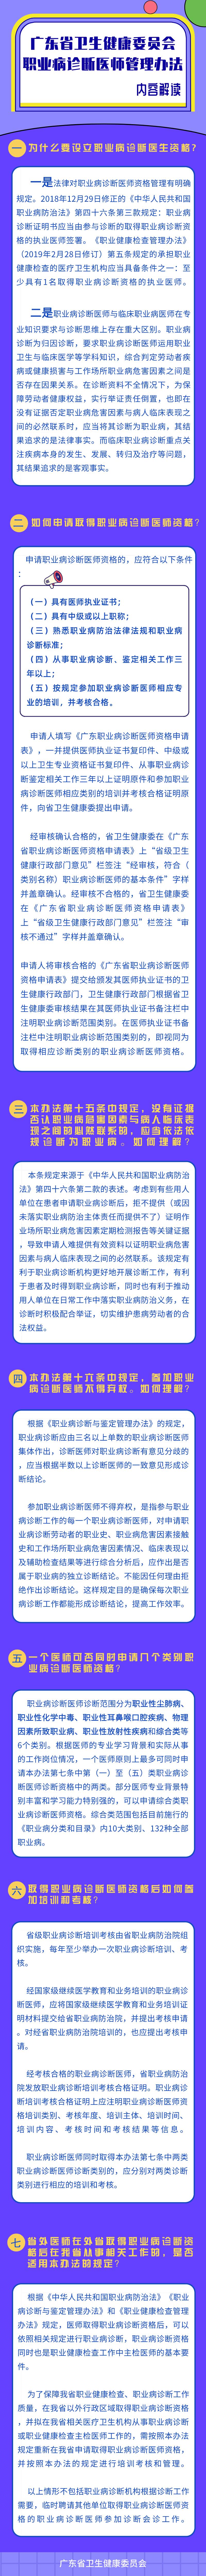 《广东省卫生健康委员会职业病诊断医师管理办法》解读.png